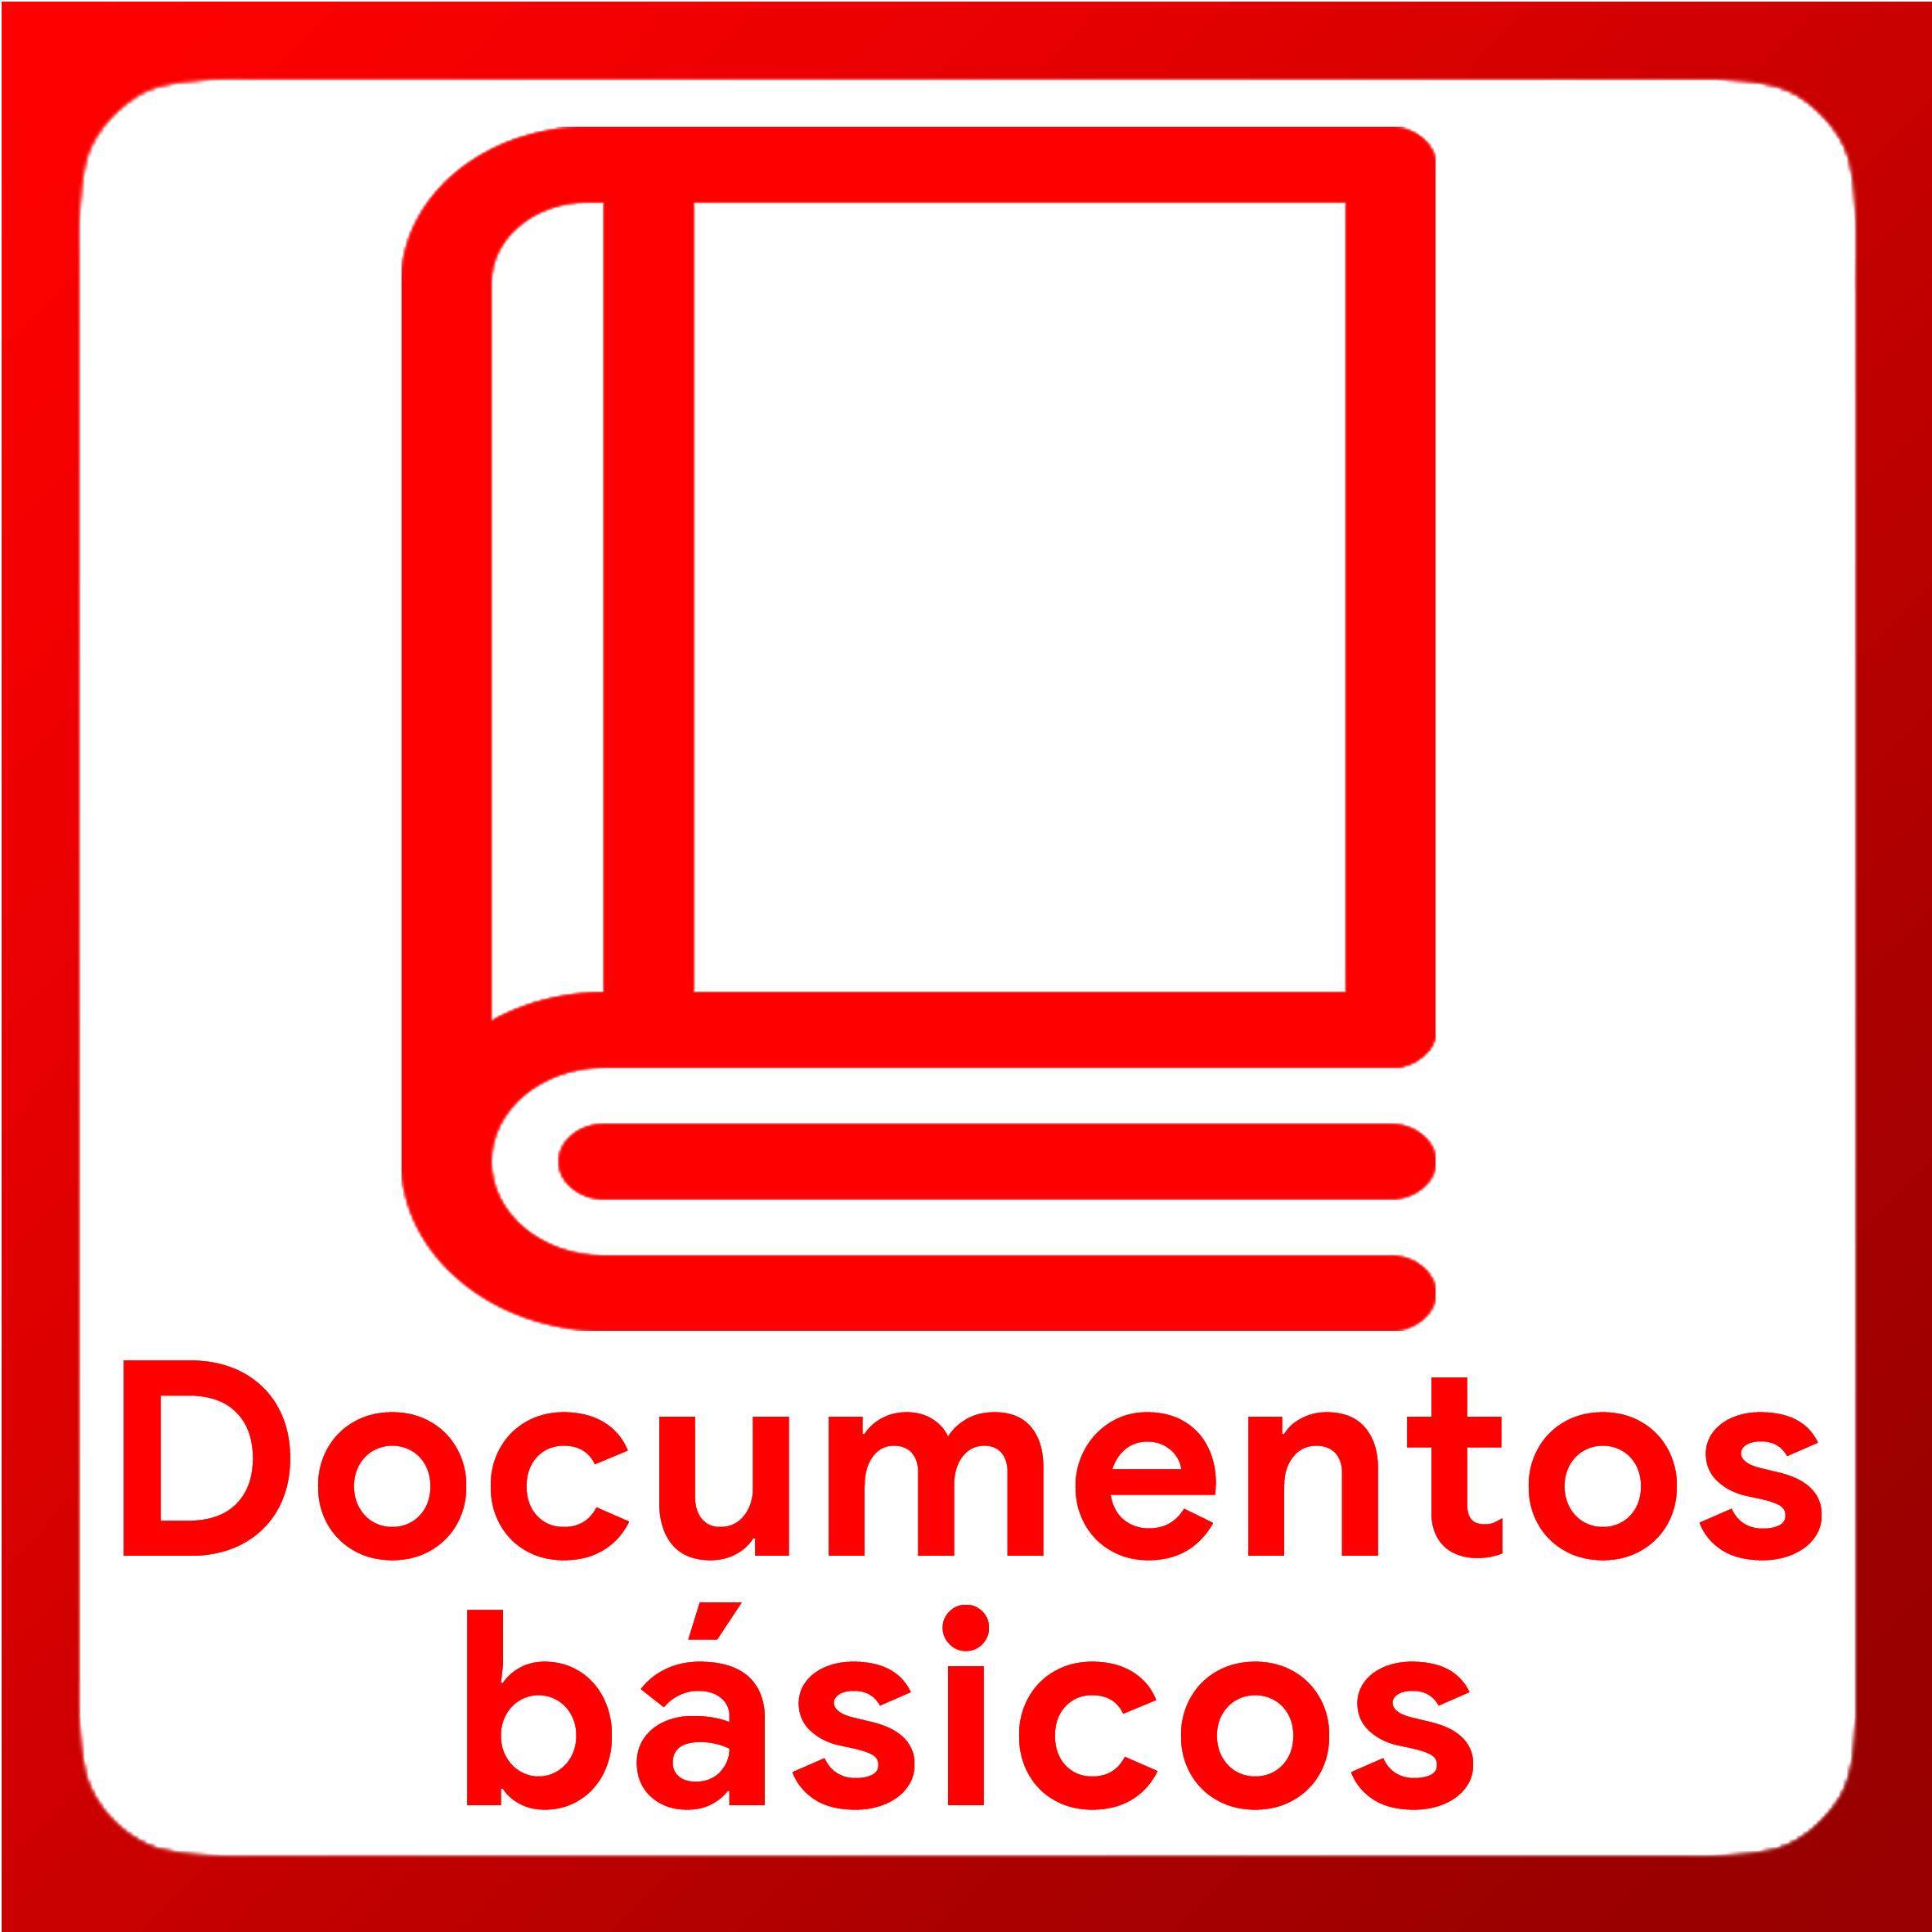 Boton activable de Documentos básicos